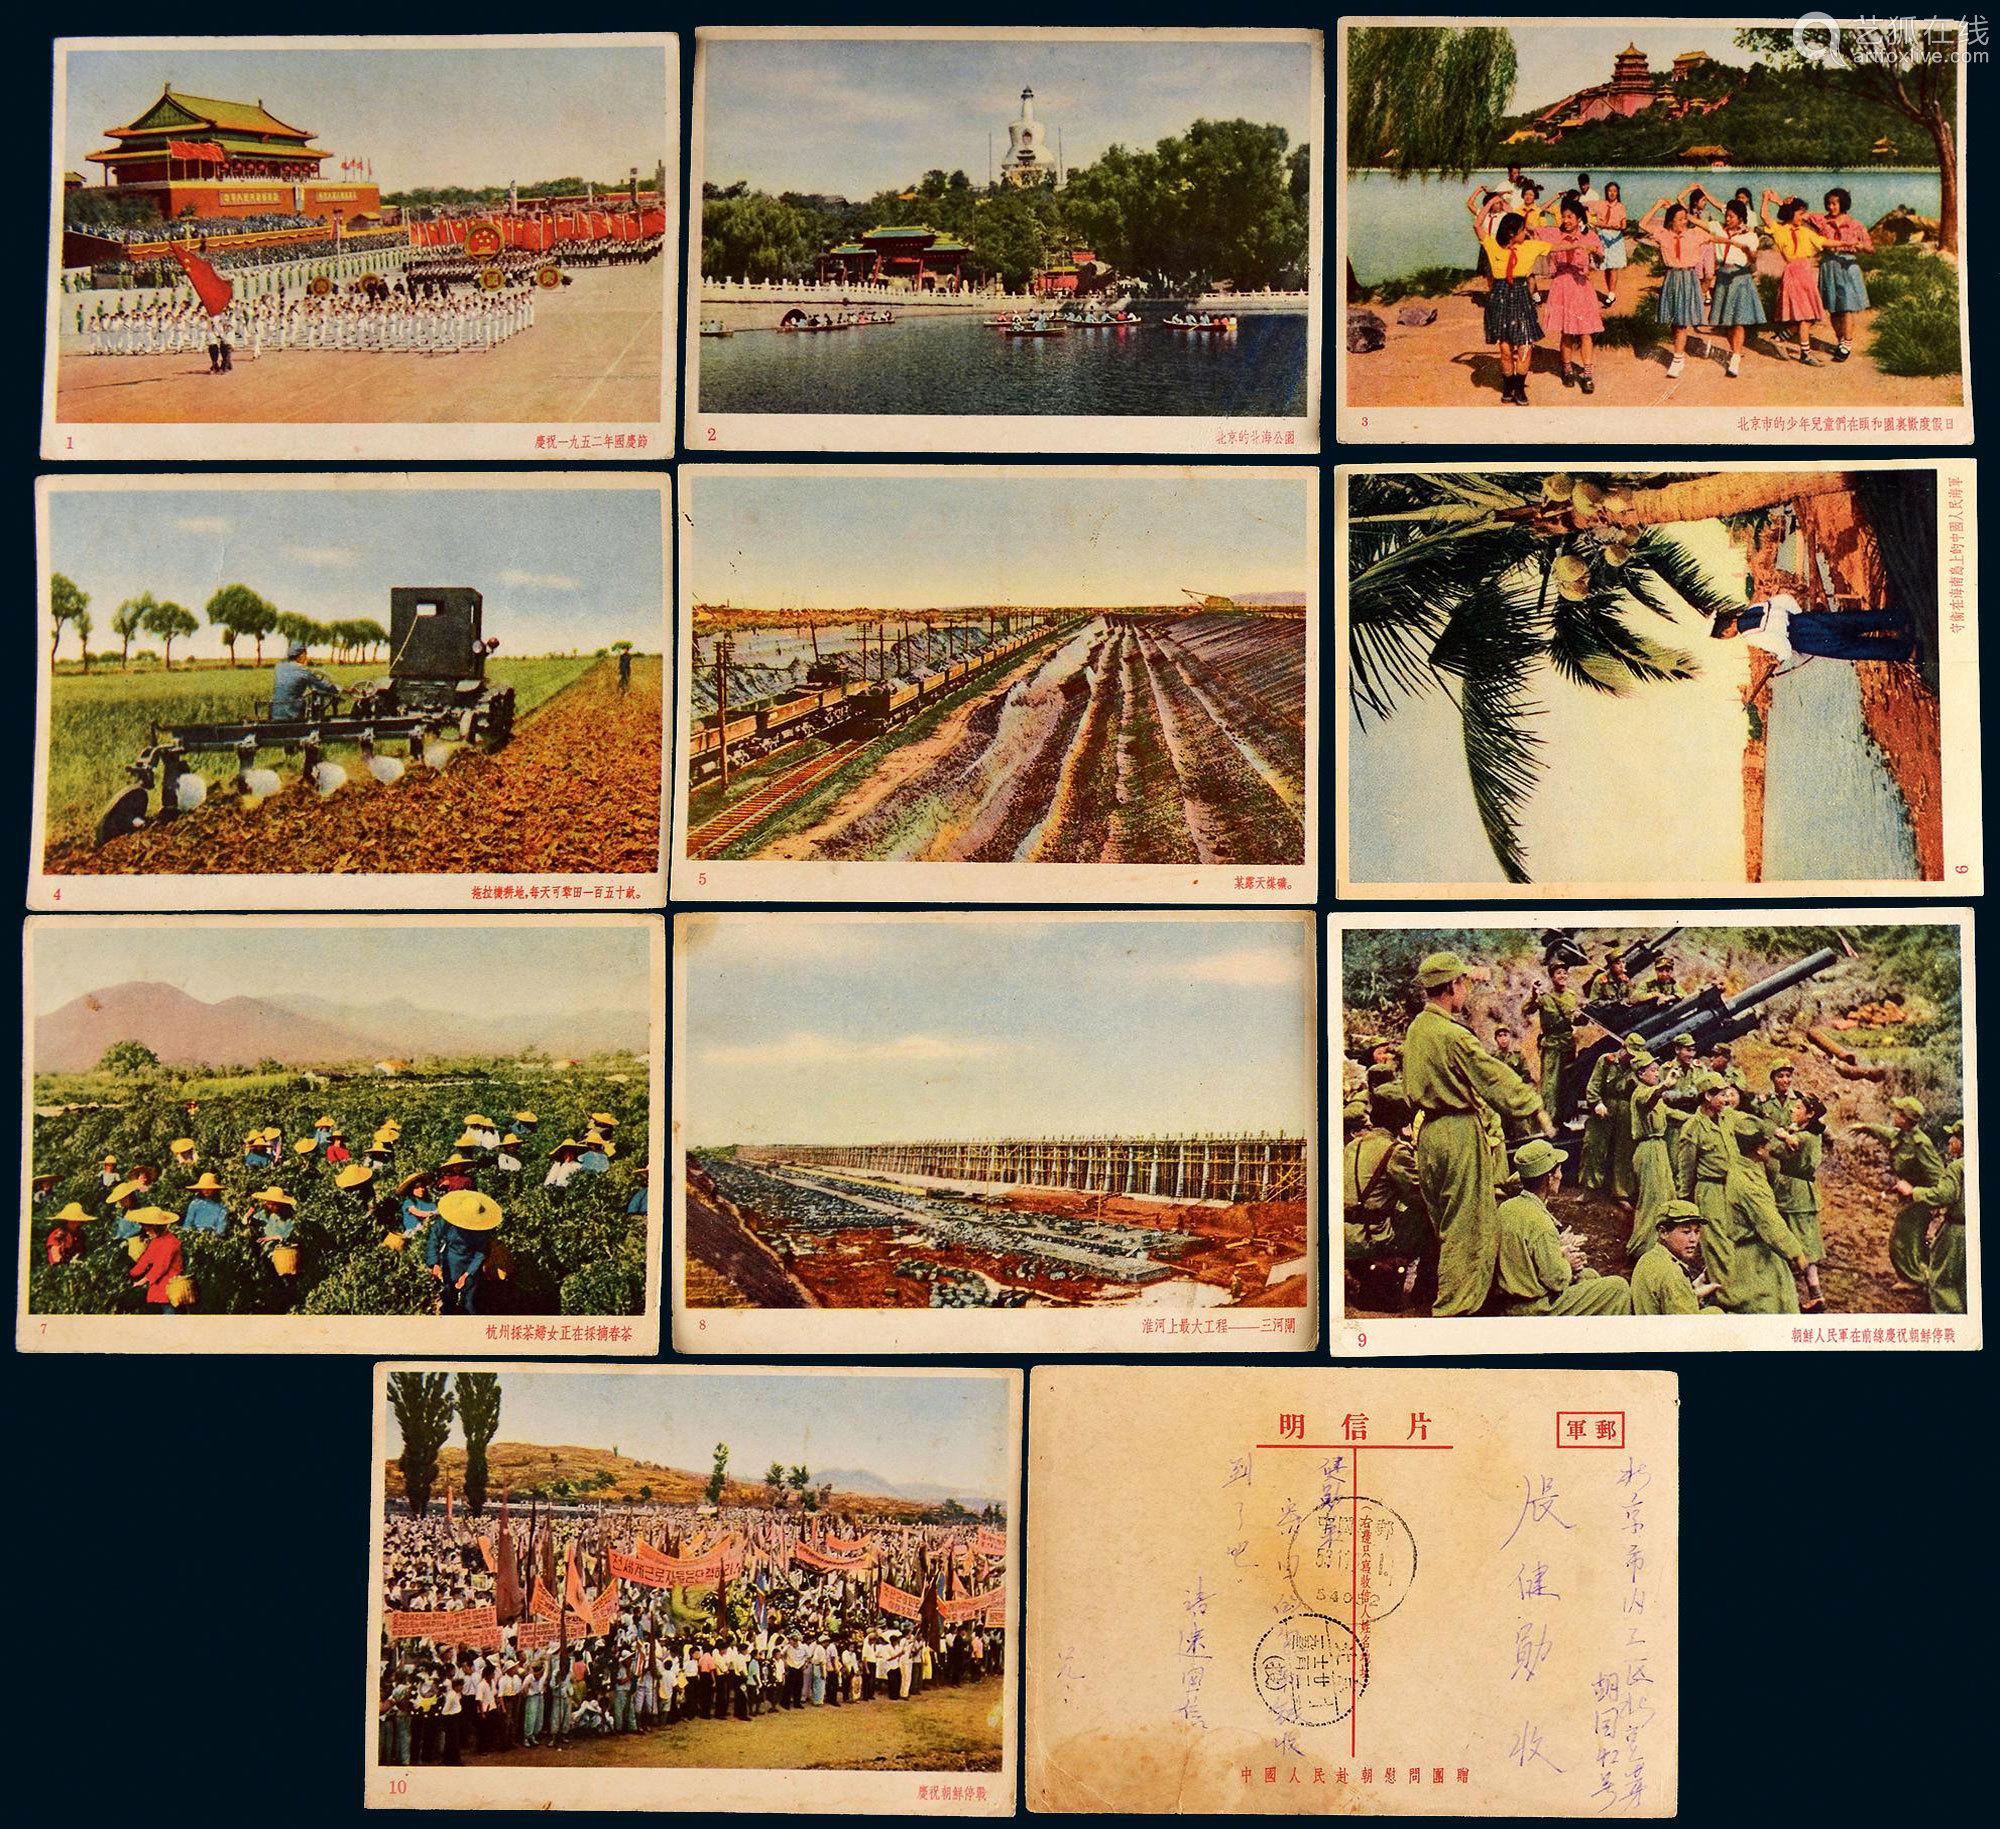 1953年中国人民赴朝慰问团军邮片全套未使用十枚